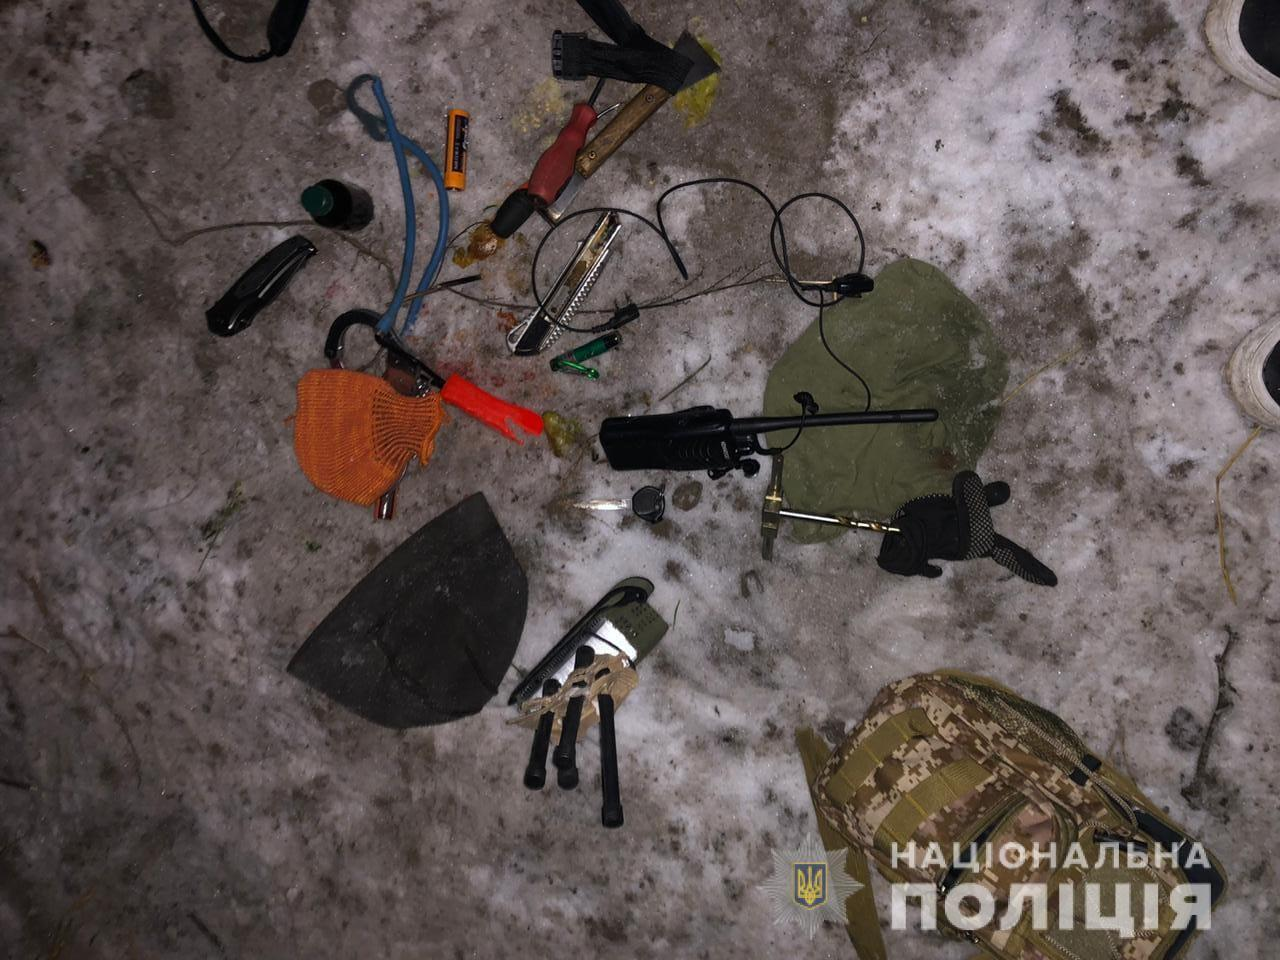 Во время операции по задержанию, в полицейских бросили гранату